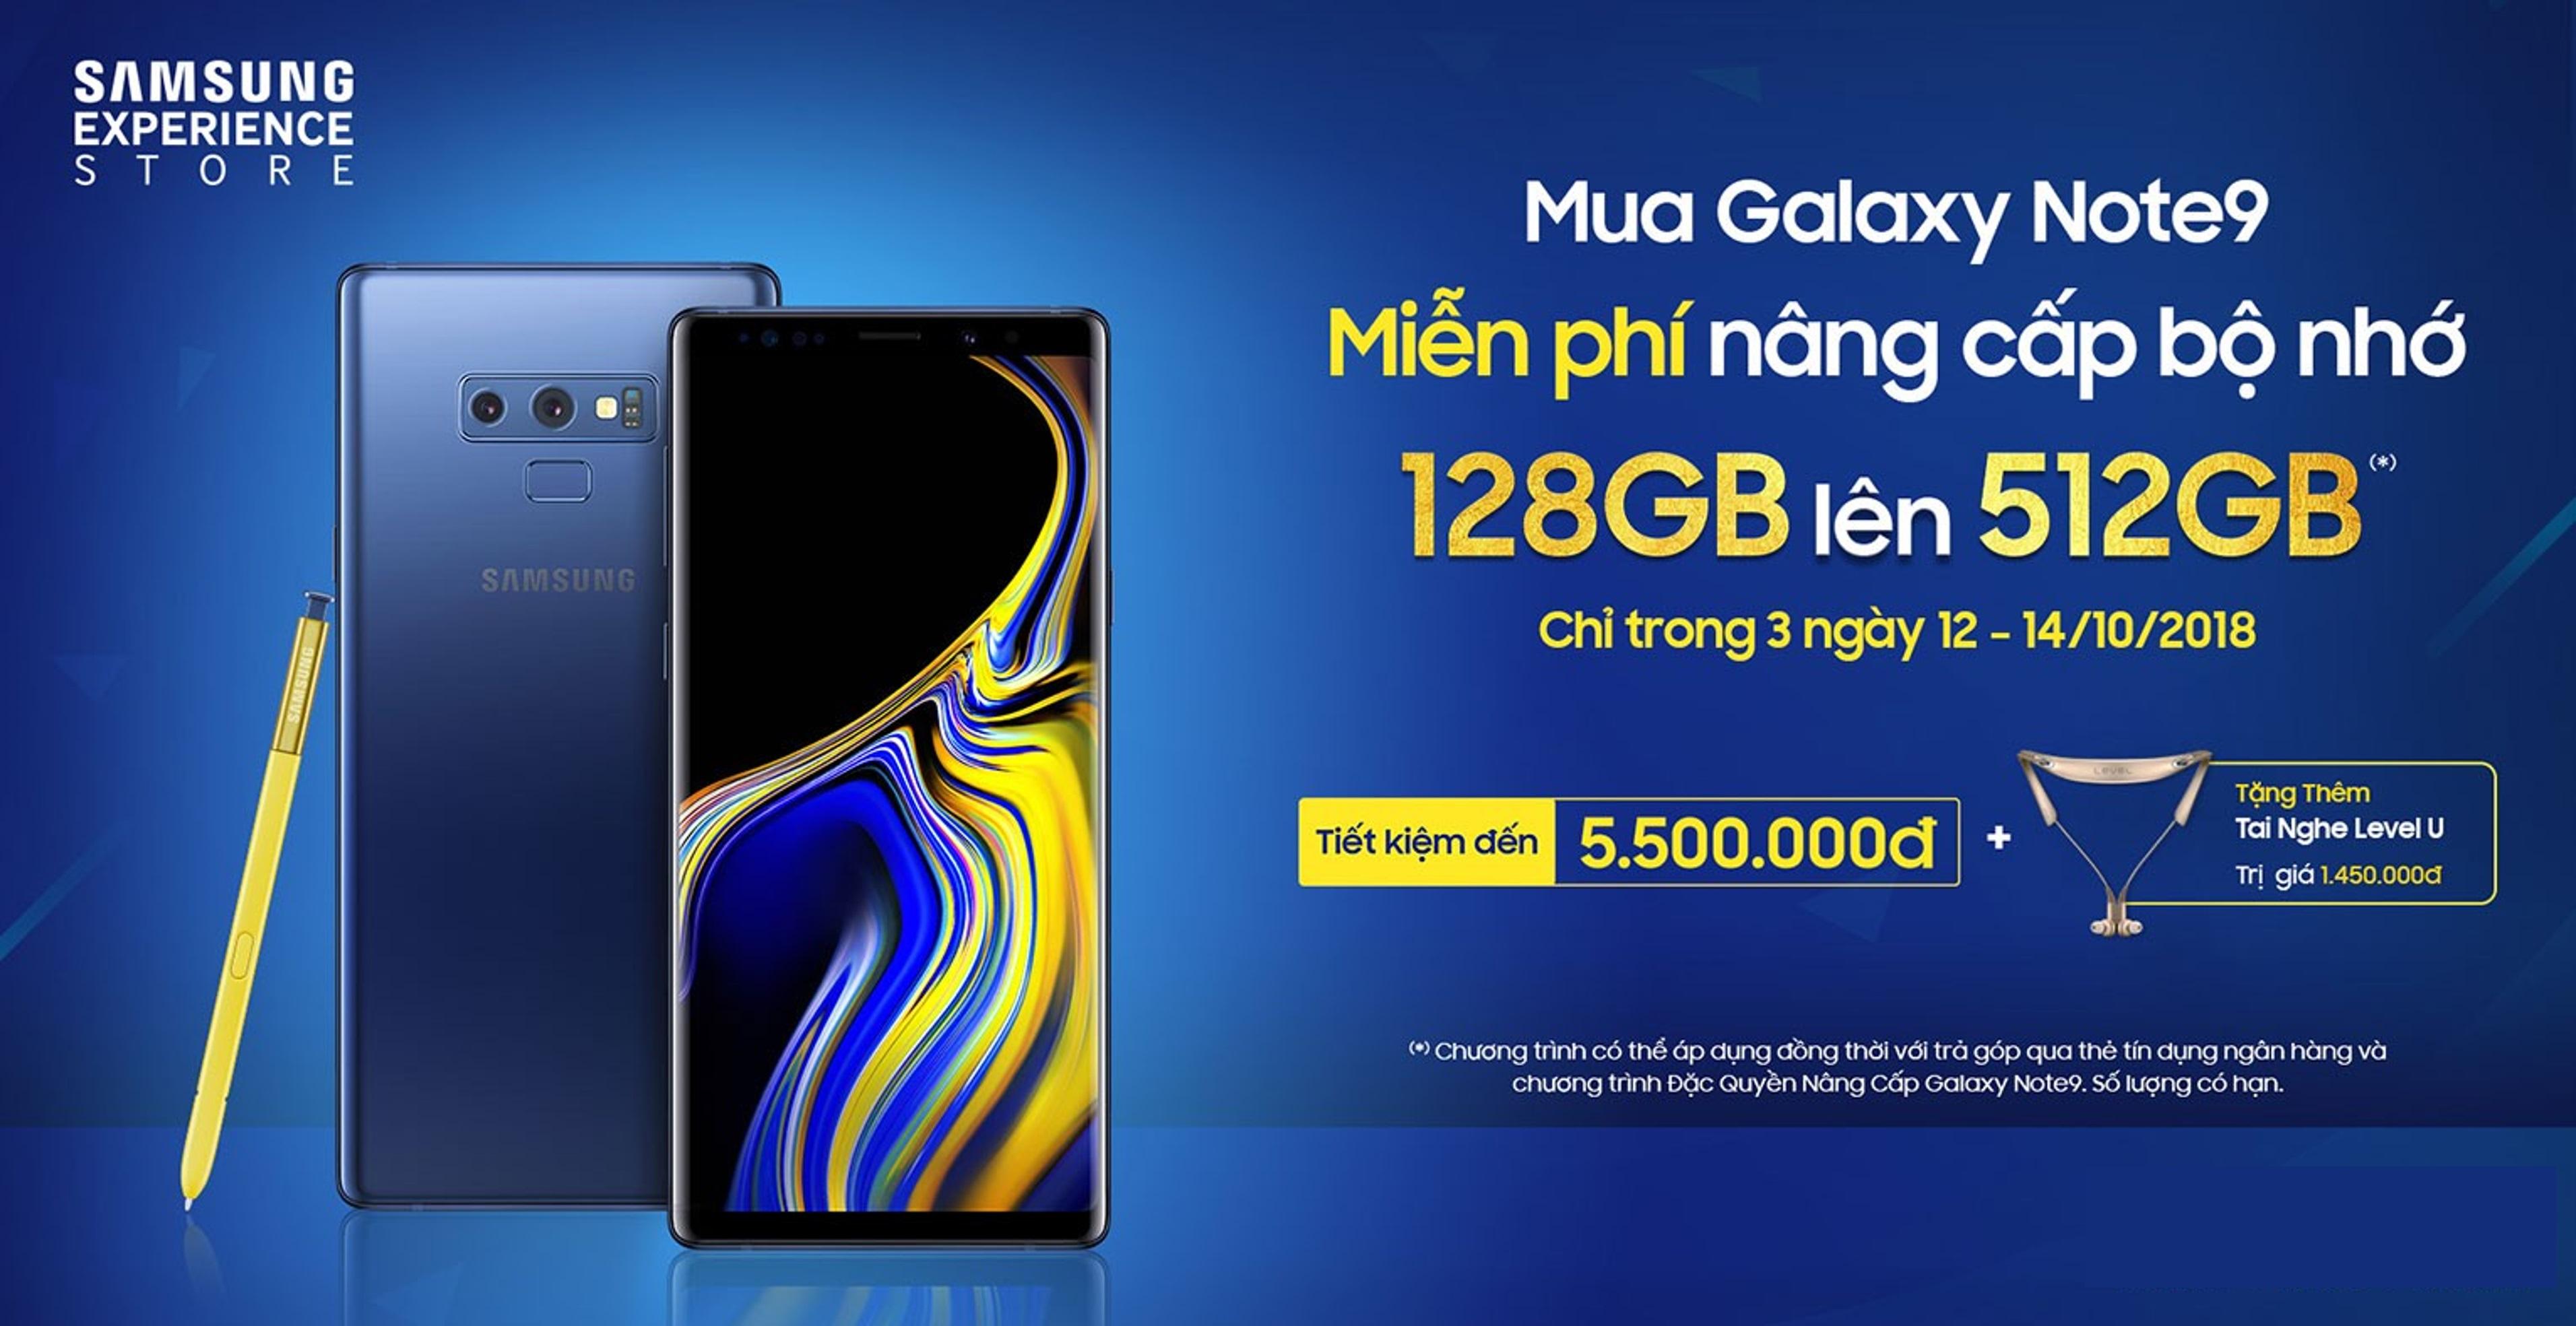 Trong 3 ngày 12 đến 14/10/2018, Mua Galaxy Note9 – Miễn phí nâng cấp bộ nhớ 128GB lên 512GB